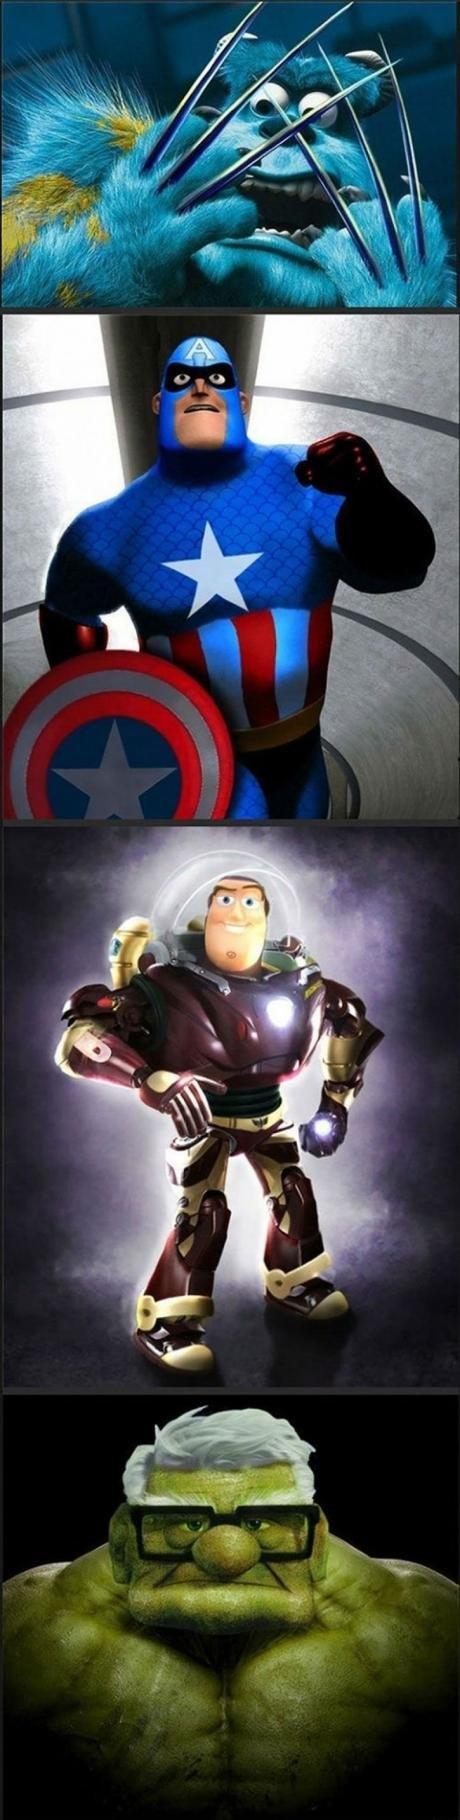 Marvel + Pixar. Avengers Assemble The Musical.